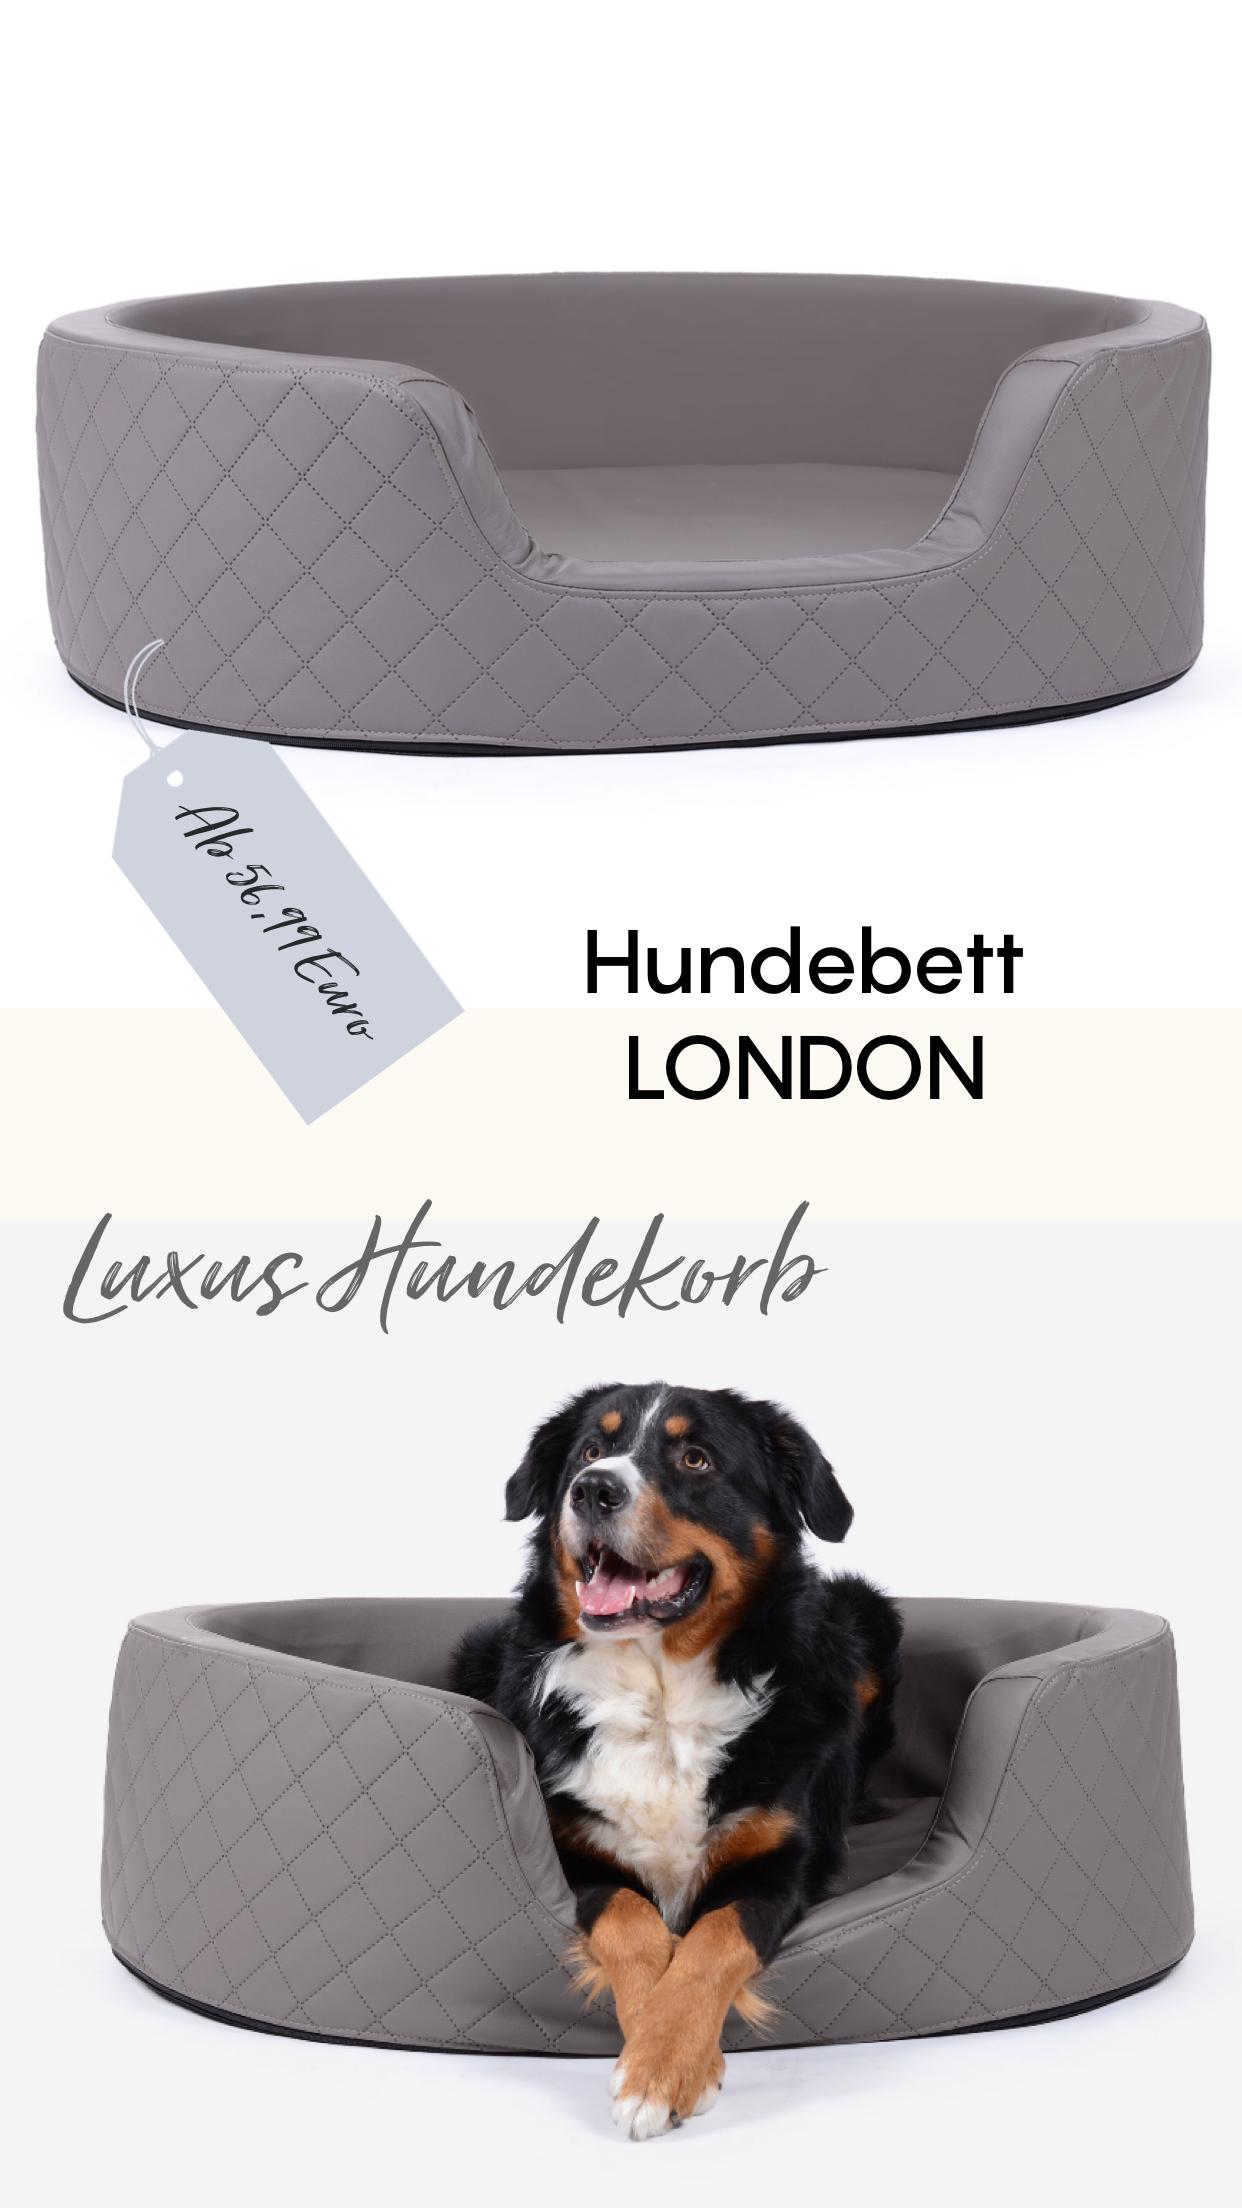 Die Stylischen Hundebetten Variante London Ist In Unterschiedlichen Farben Und Zwei Verschiedenen Grossen Von 80x60 Cm Bis 100x80 Cm Hunde Bett Hunde Hundebett